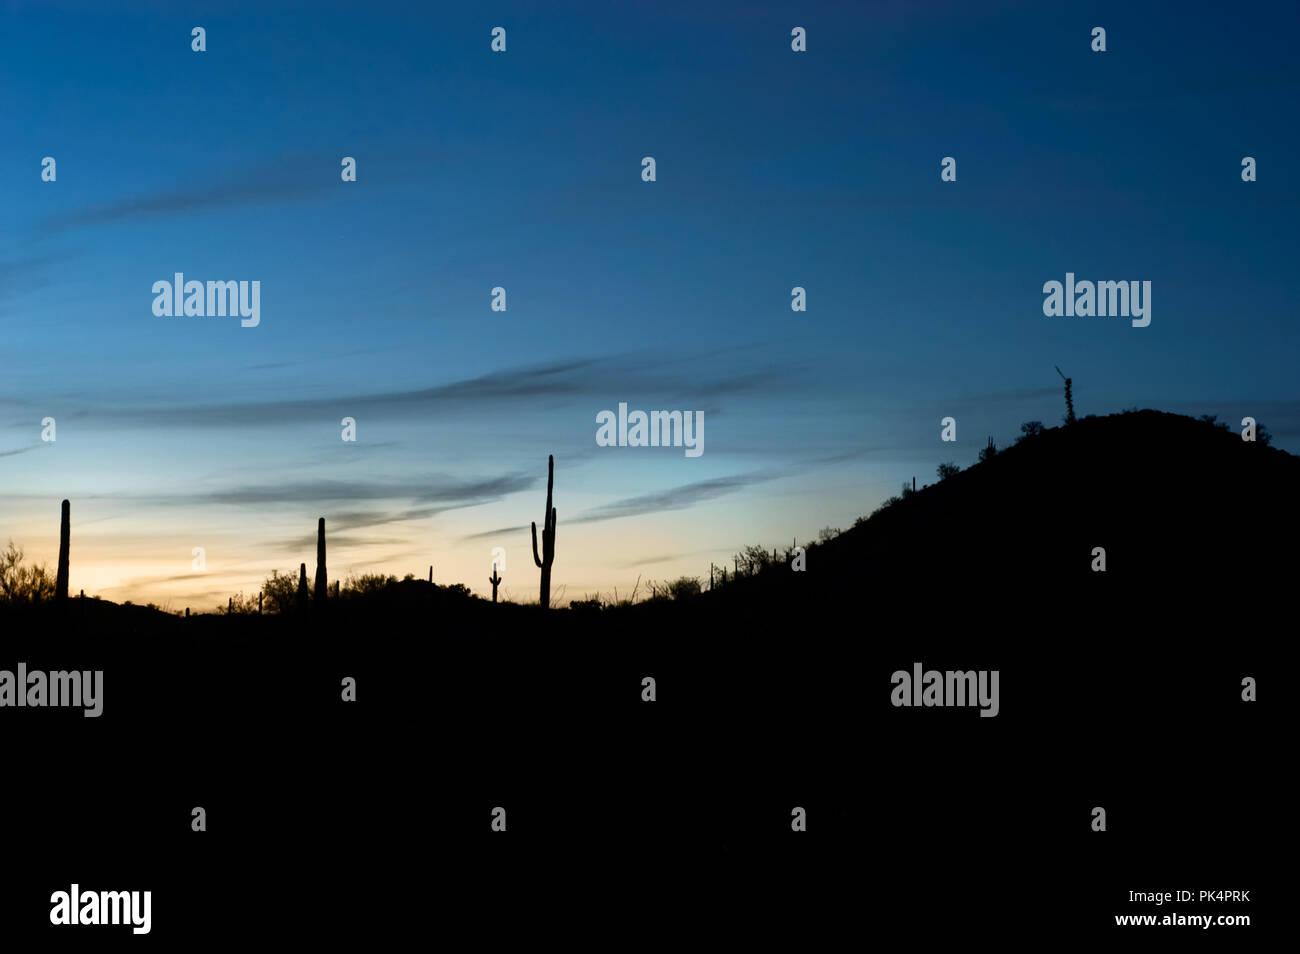 Saguaro Cacti At Night Stock Photos Amp Saguaro Cacti At